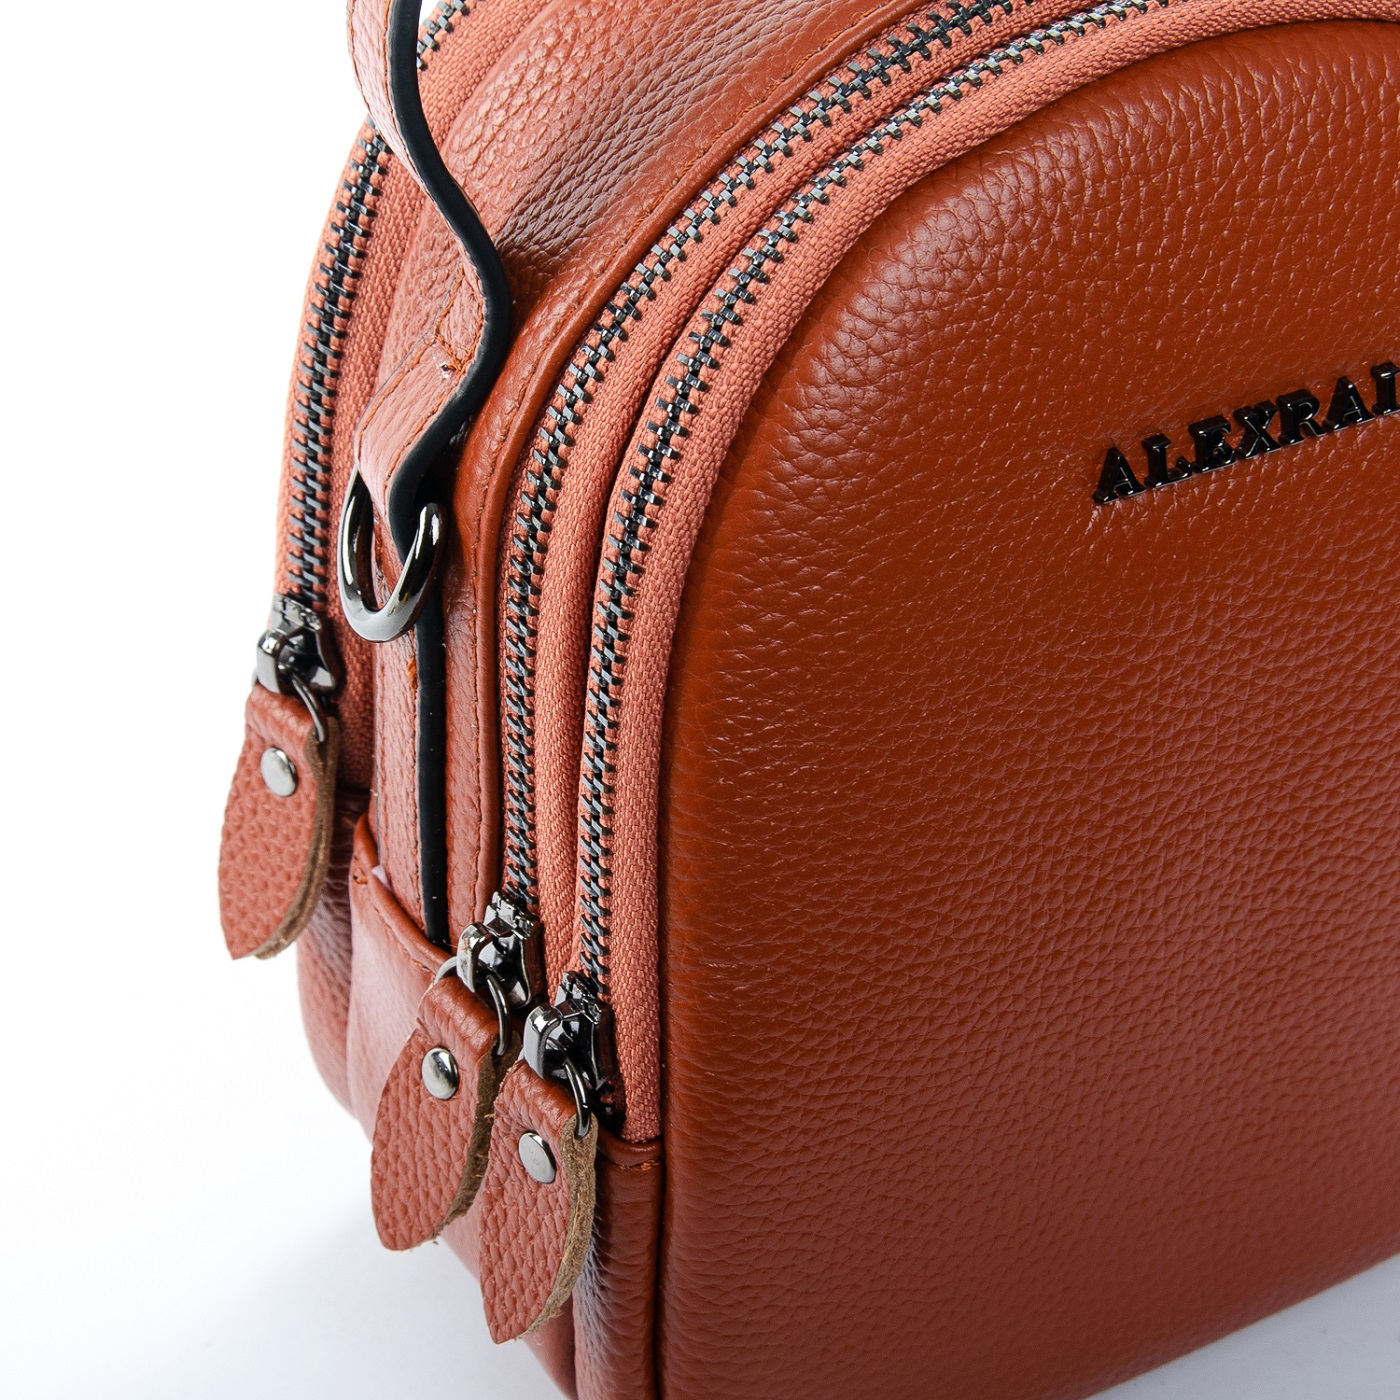 Сумка Женская Клатч кожа ALEX RAI 1-02 3902-6 brown - фото 5